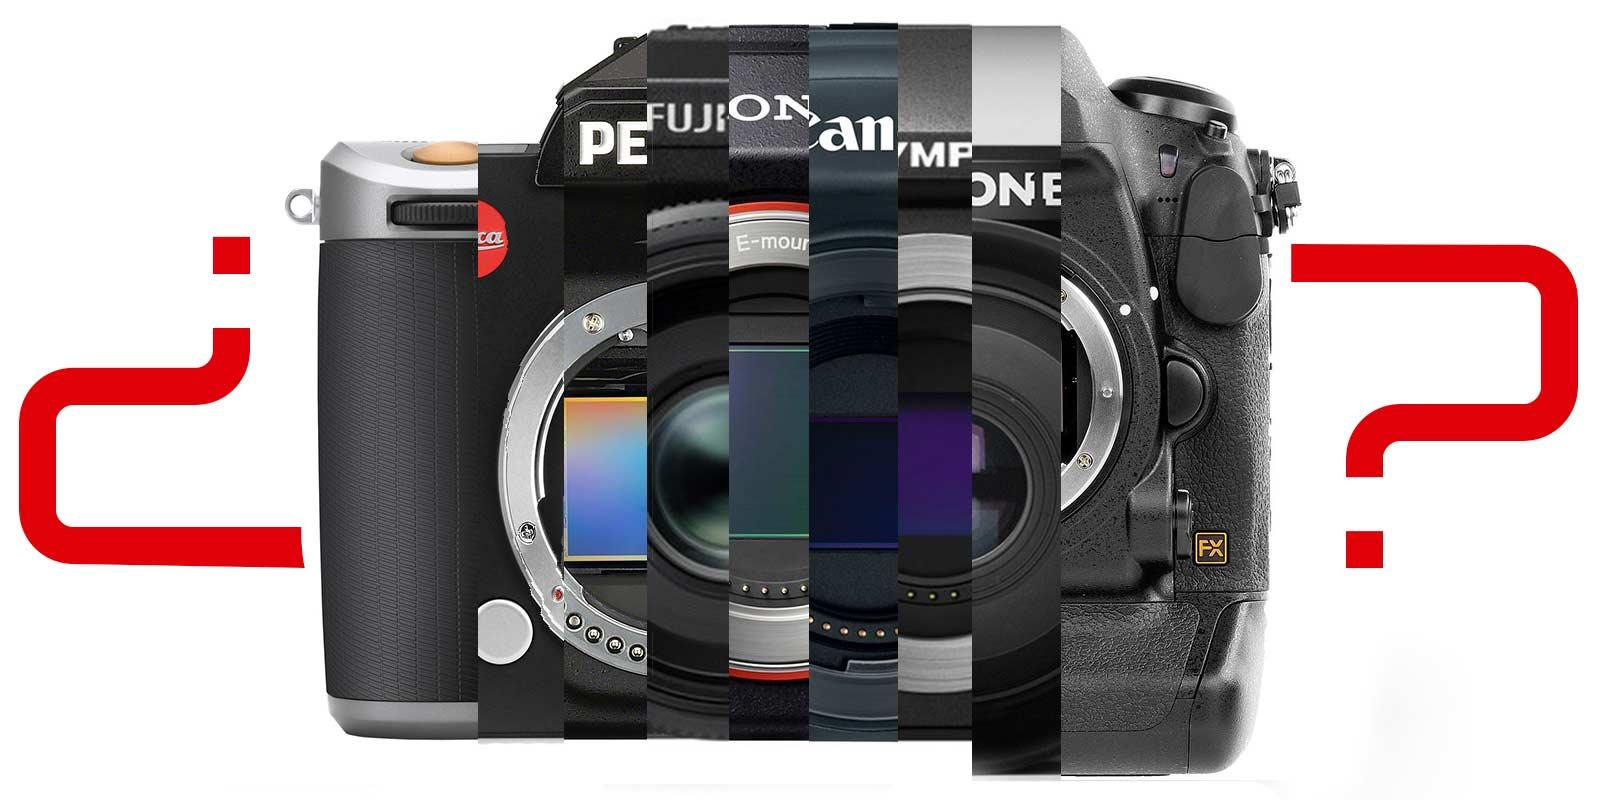 Guía para comprar una cámara fotográfica